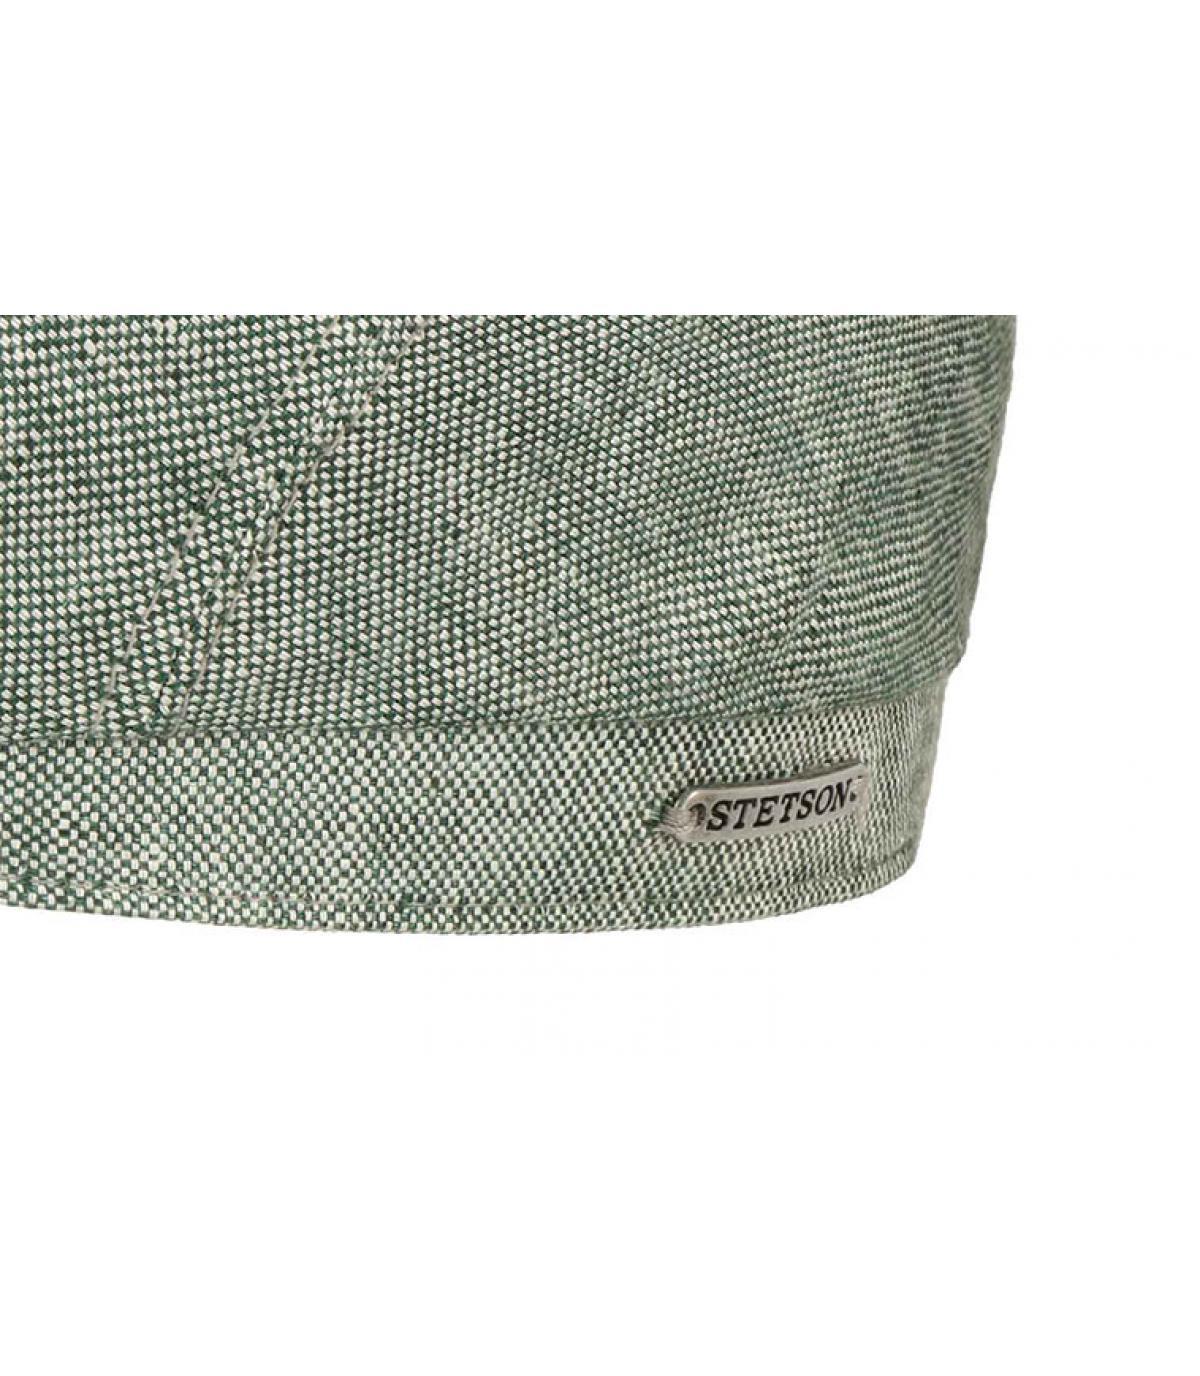 Details 6 Panel Cap Linen green - Abbildung 3